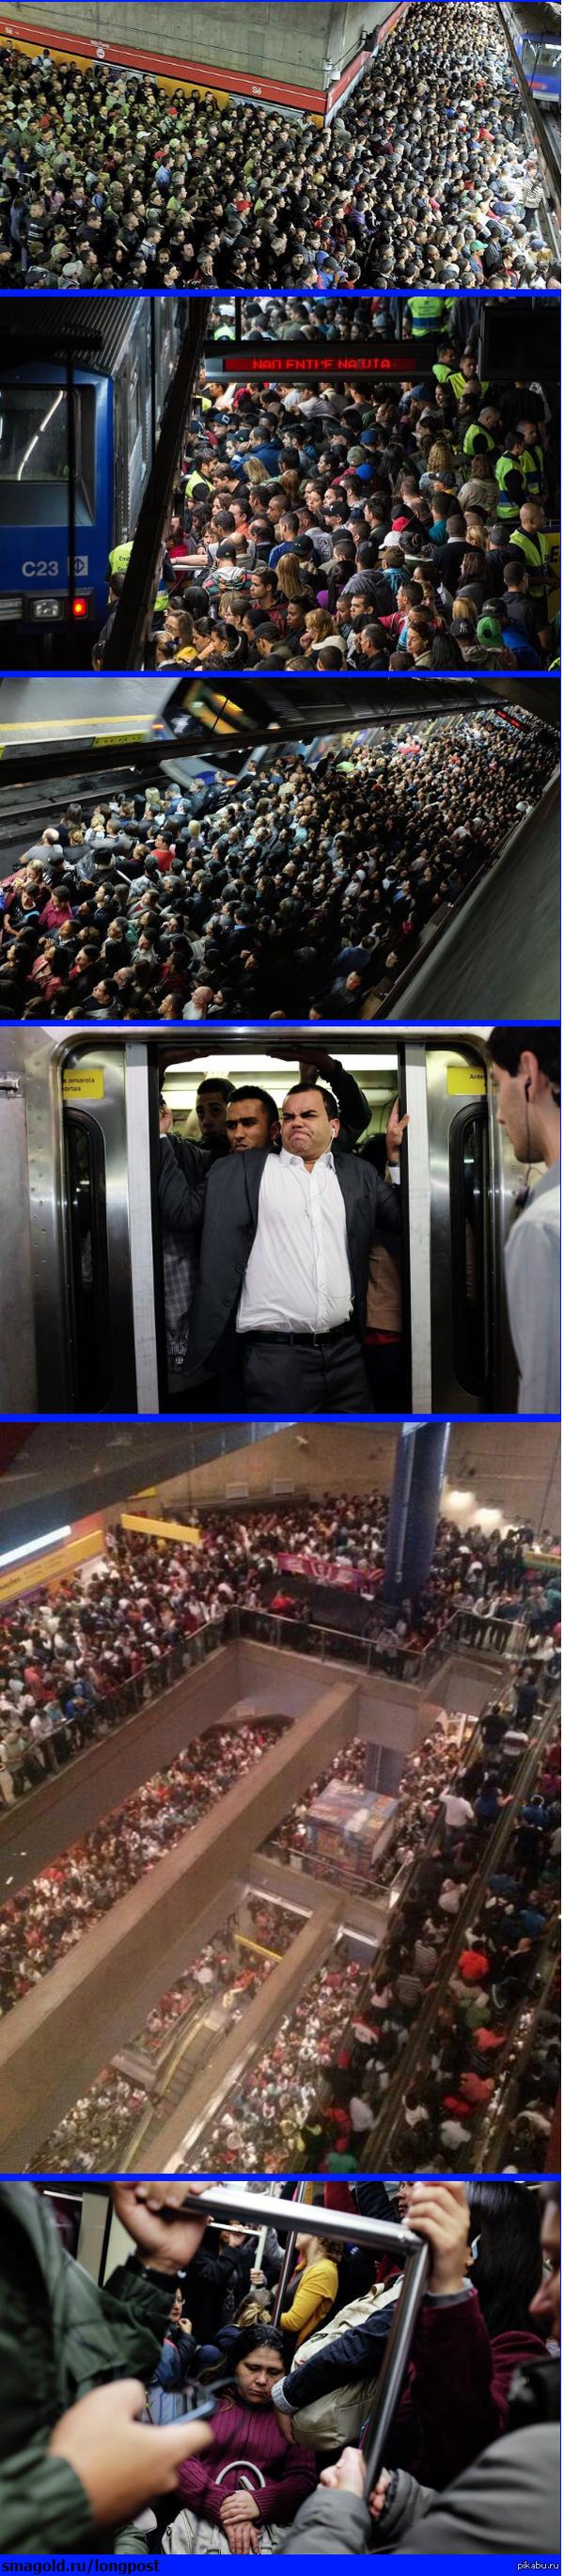 Метро в Сан-Паулу Московские пикабушники не по наслышке знают об ужасах московского метро в часы пик, но духота и теснота – это признаки не только московского метрополитена.